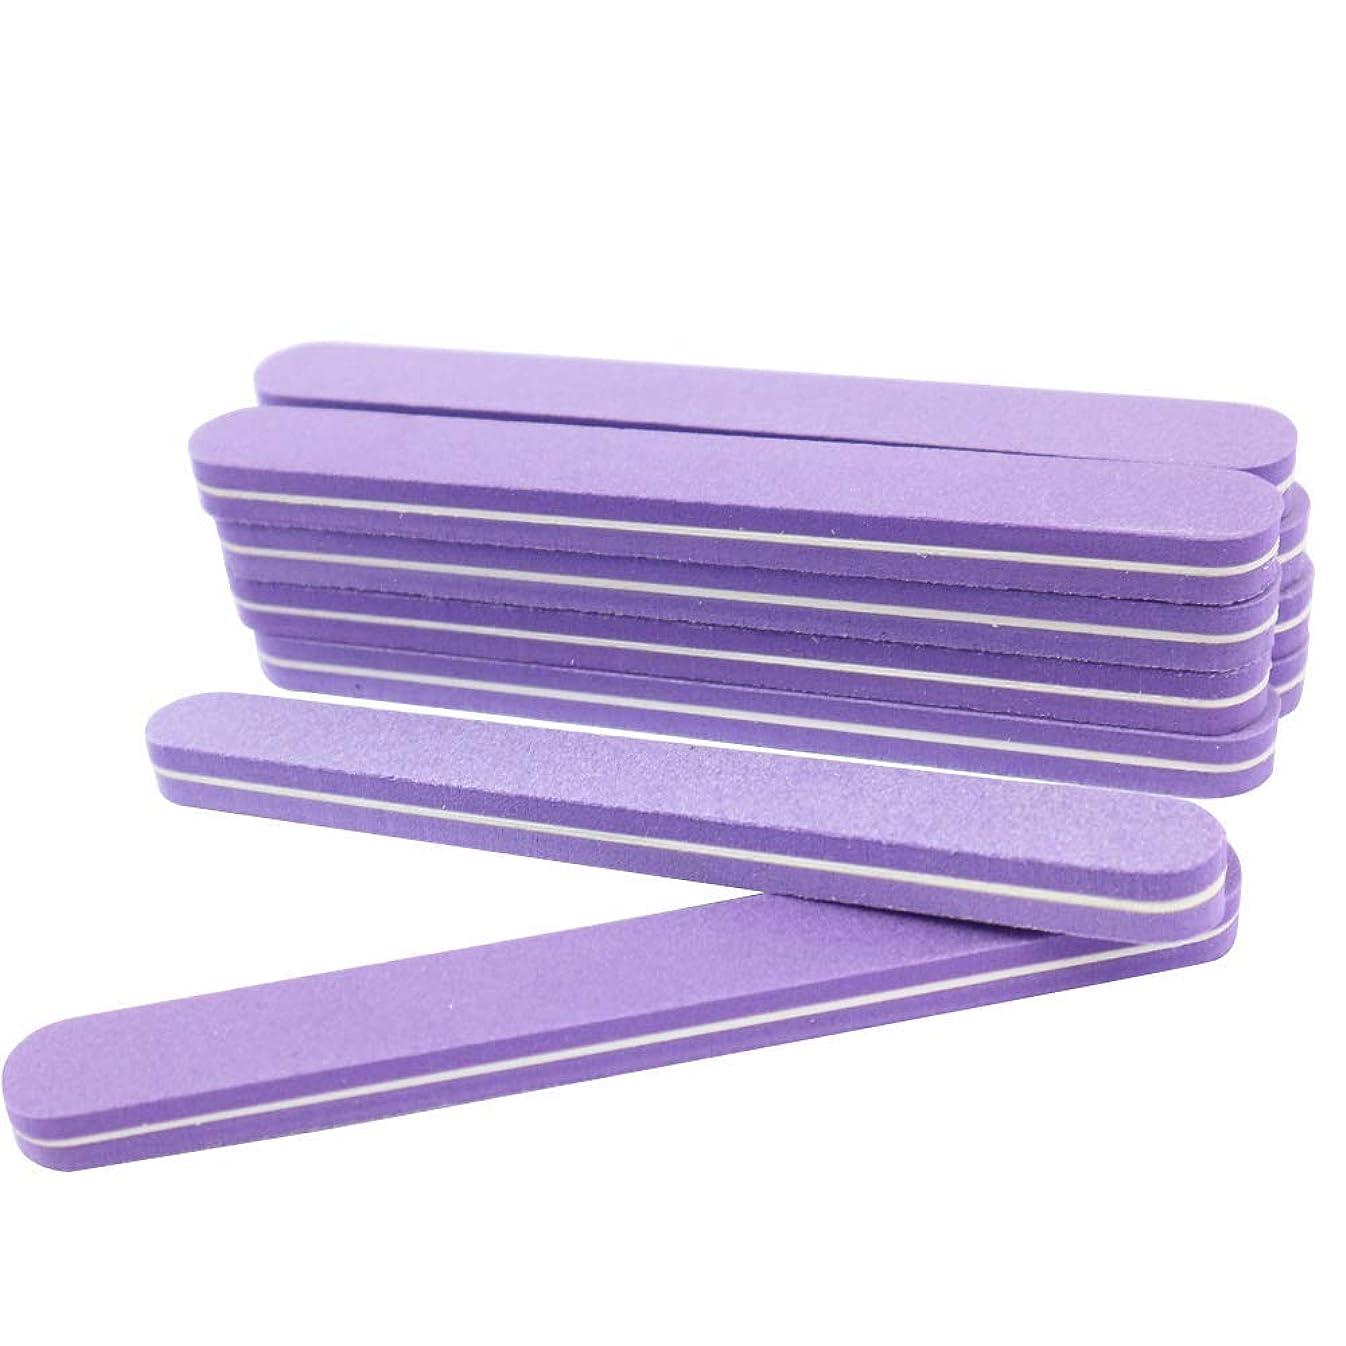 読書アルネ現実には(値下げ)ネイル用 2WAYシャイナー 10本セット おうちで爪磨き 選べる2タイプ (形状:ストレート)